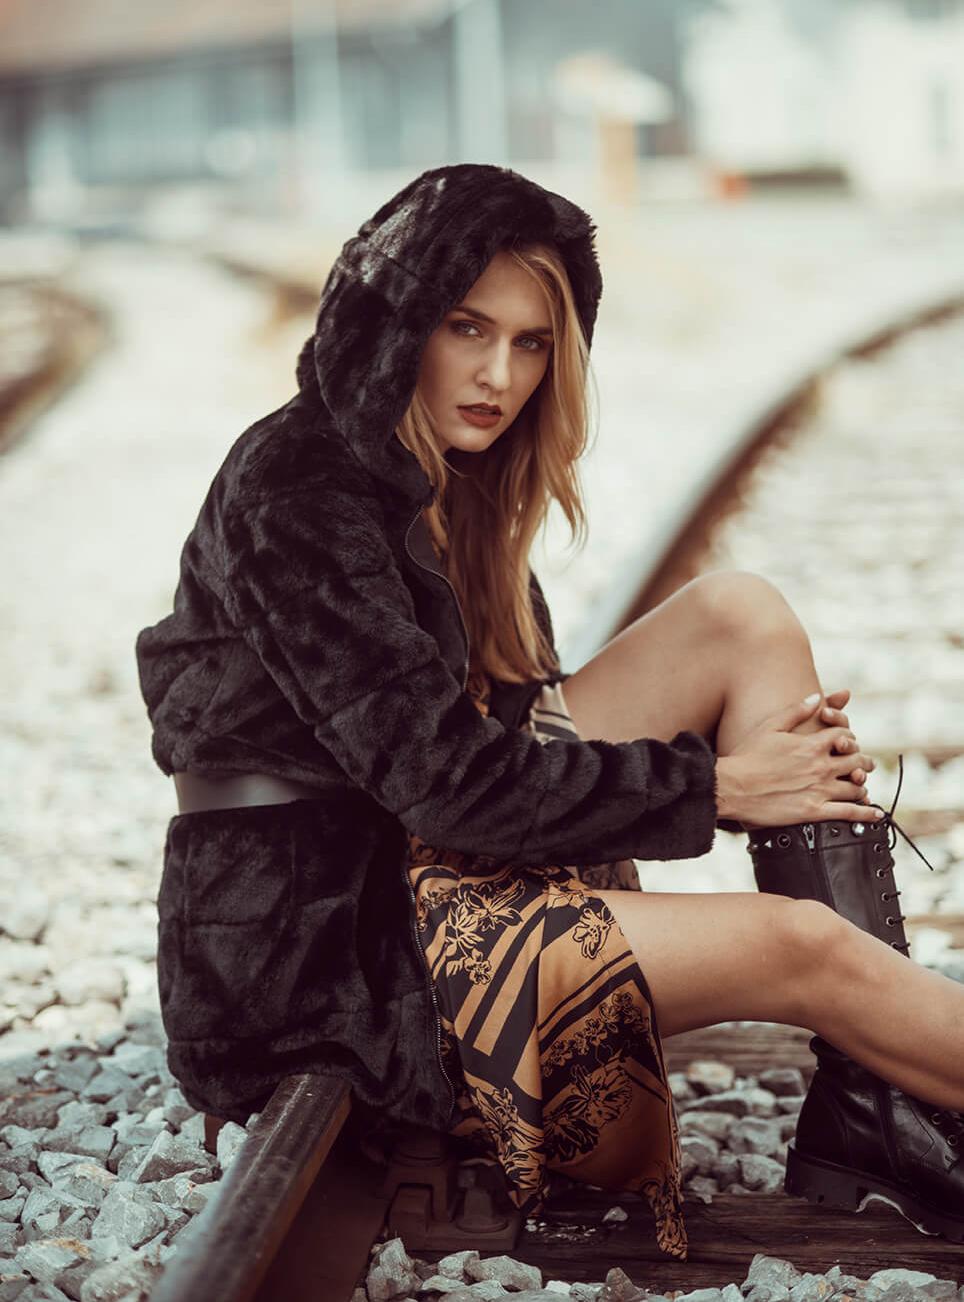 Haljina Vero Moda 42,99 € / Pojas Tom Tailor 26,99 € / Jakna Only 74,99 € / Cipele Tosca Blu 275,00 €